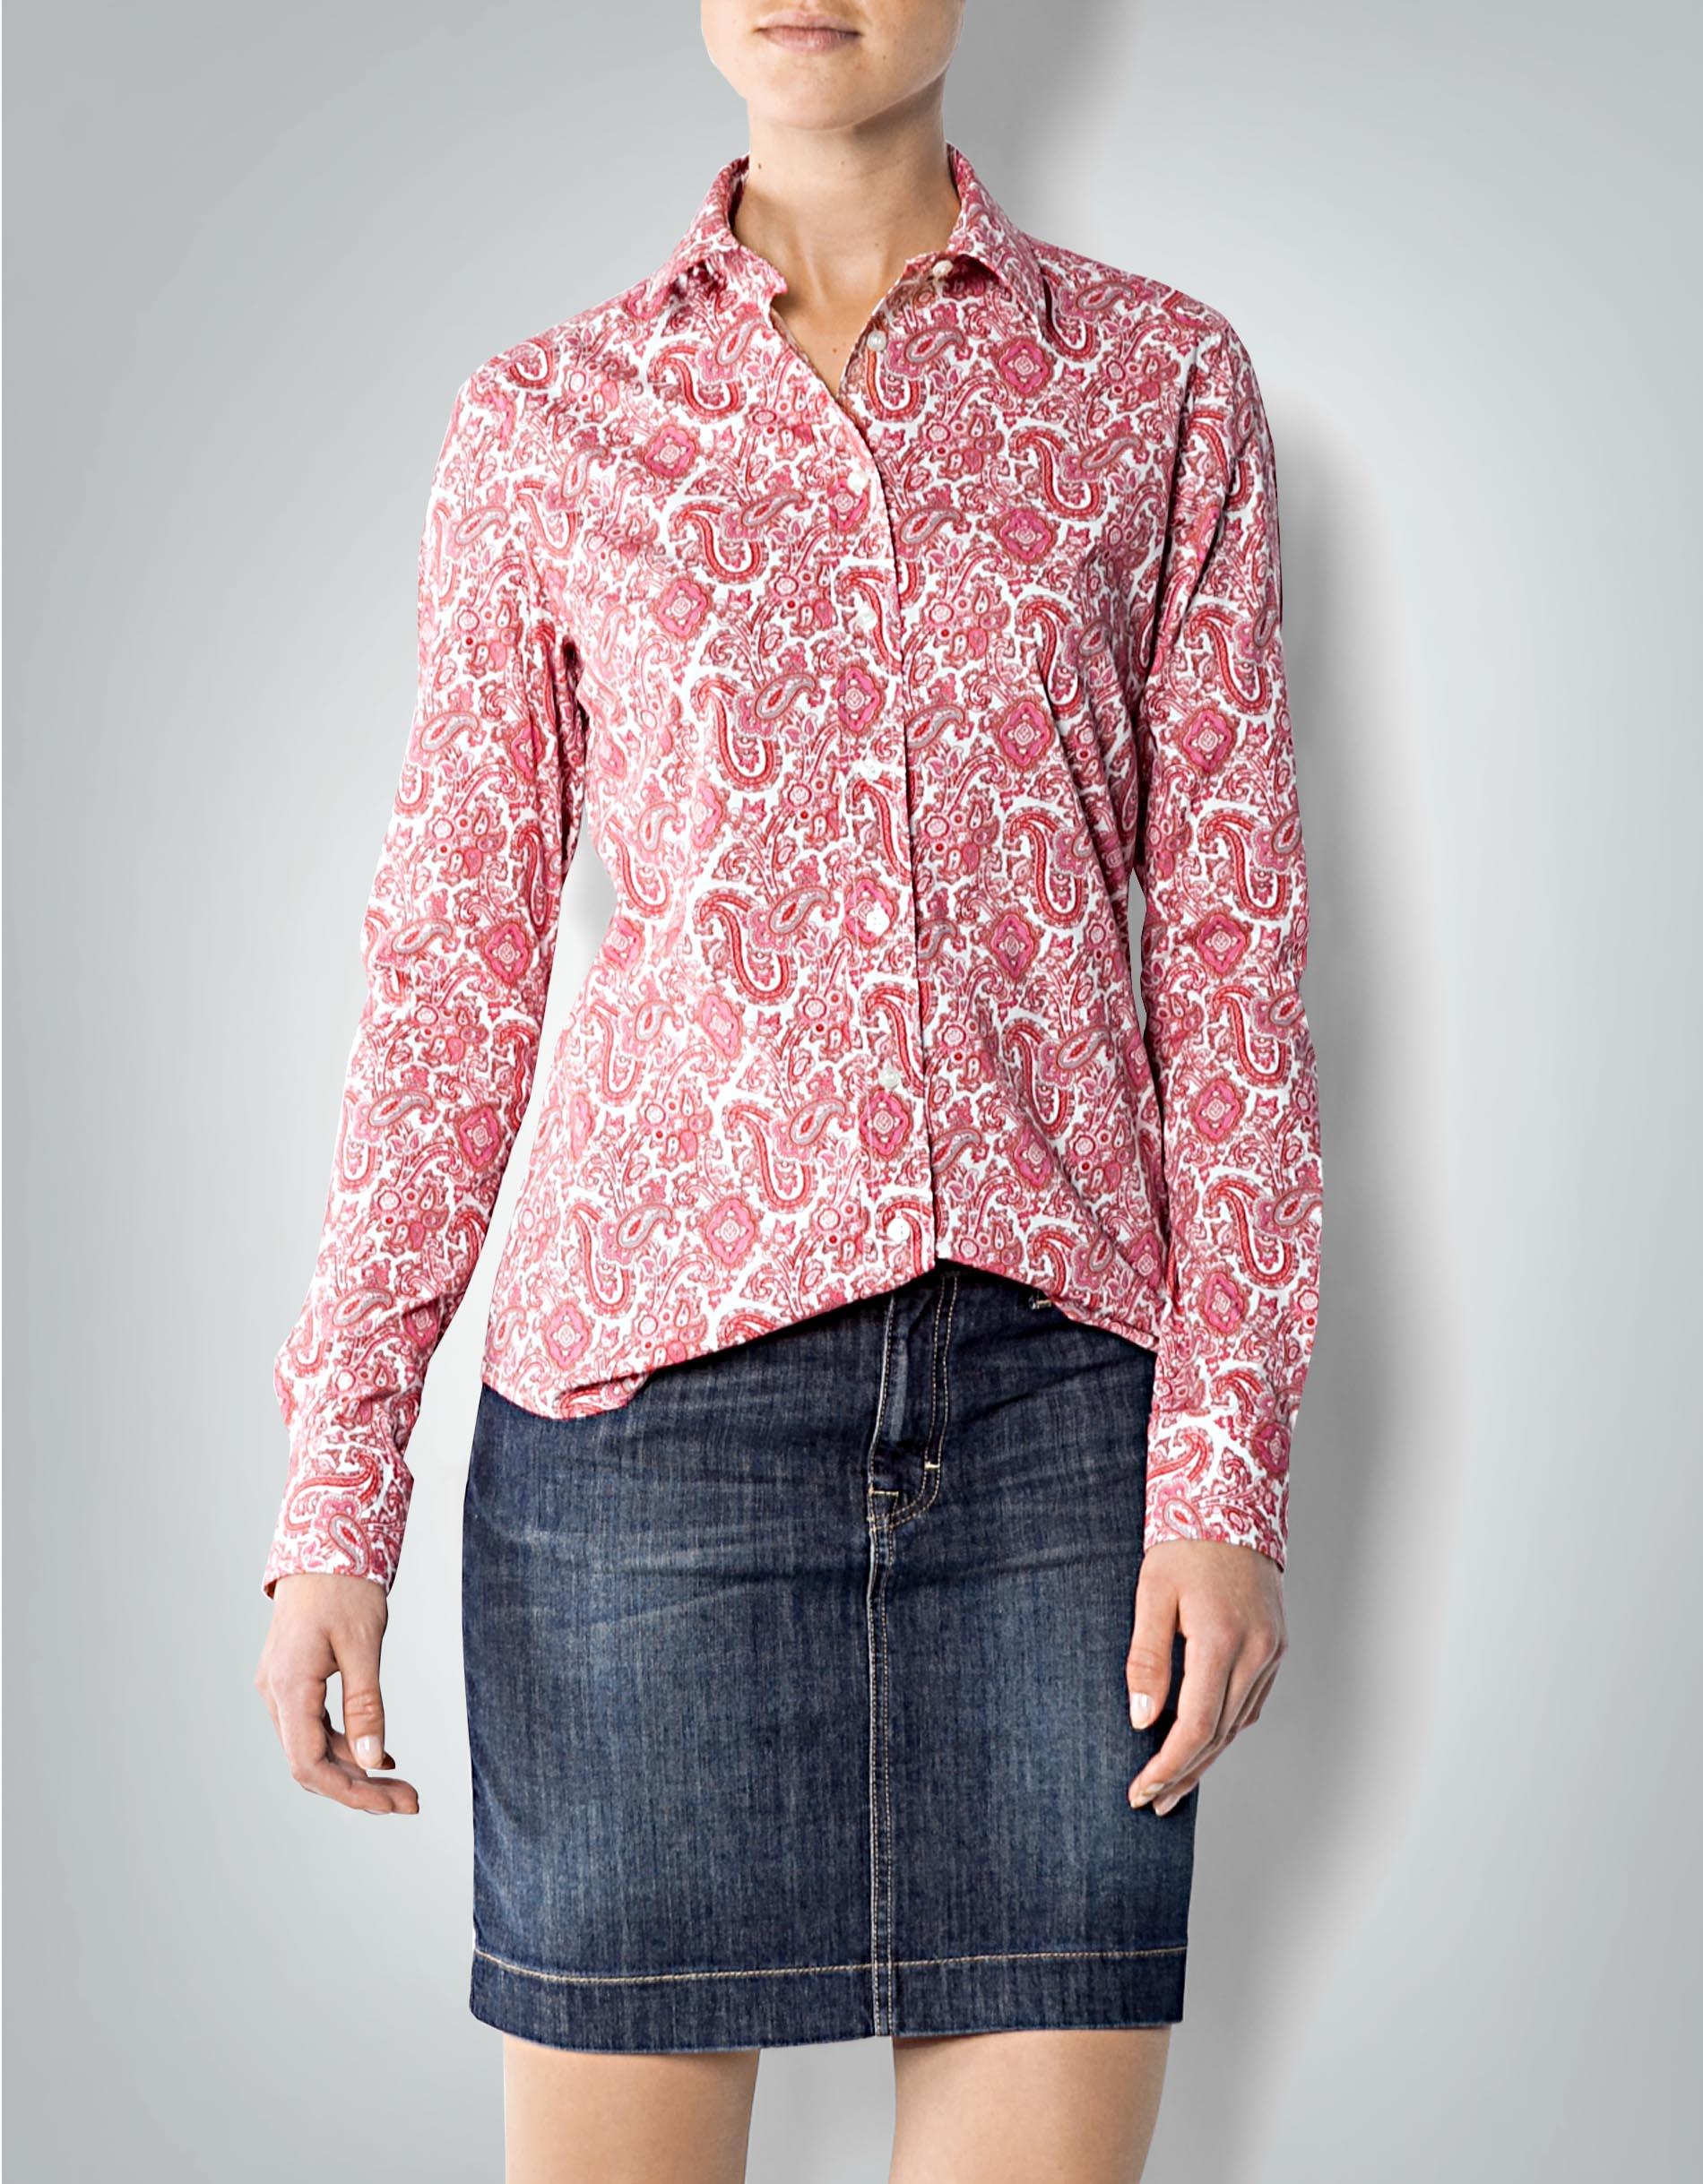 online store fca66 d3b69 Gant Damen Bluse rot im Paisley-Design empfohlen von Deinen ...